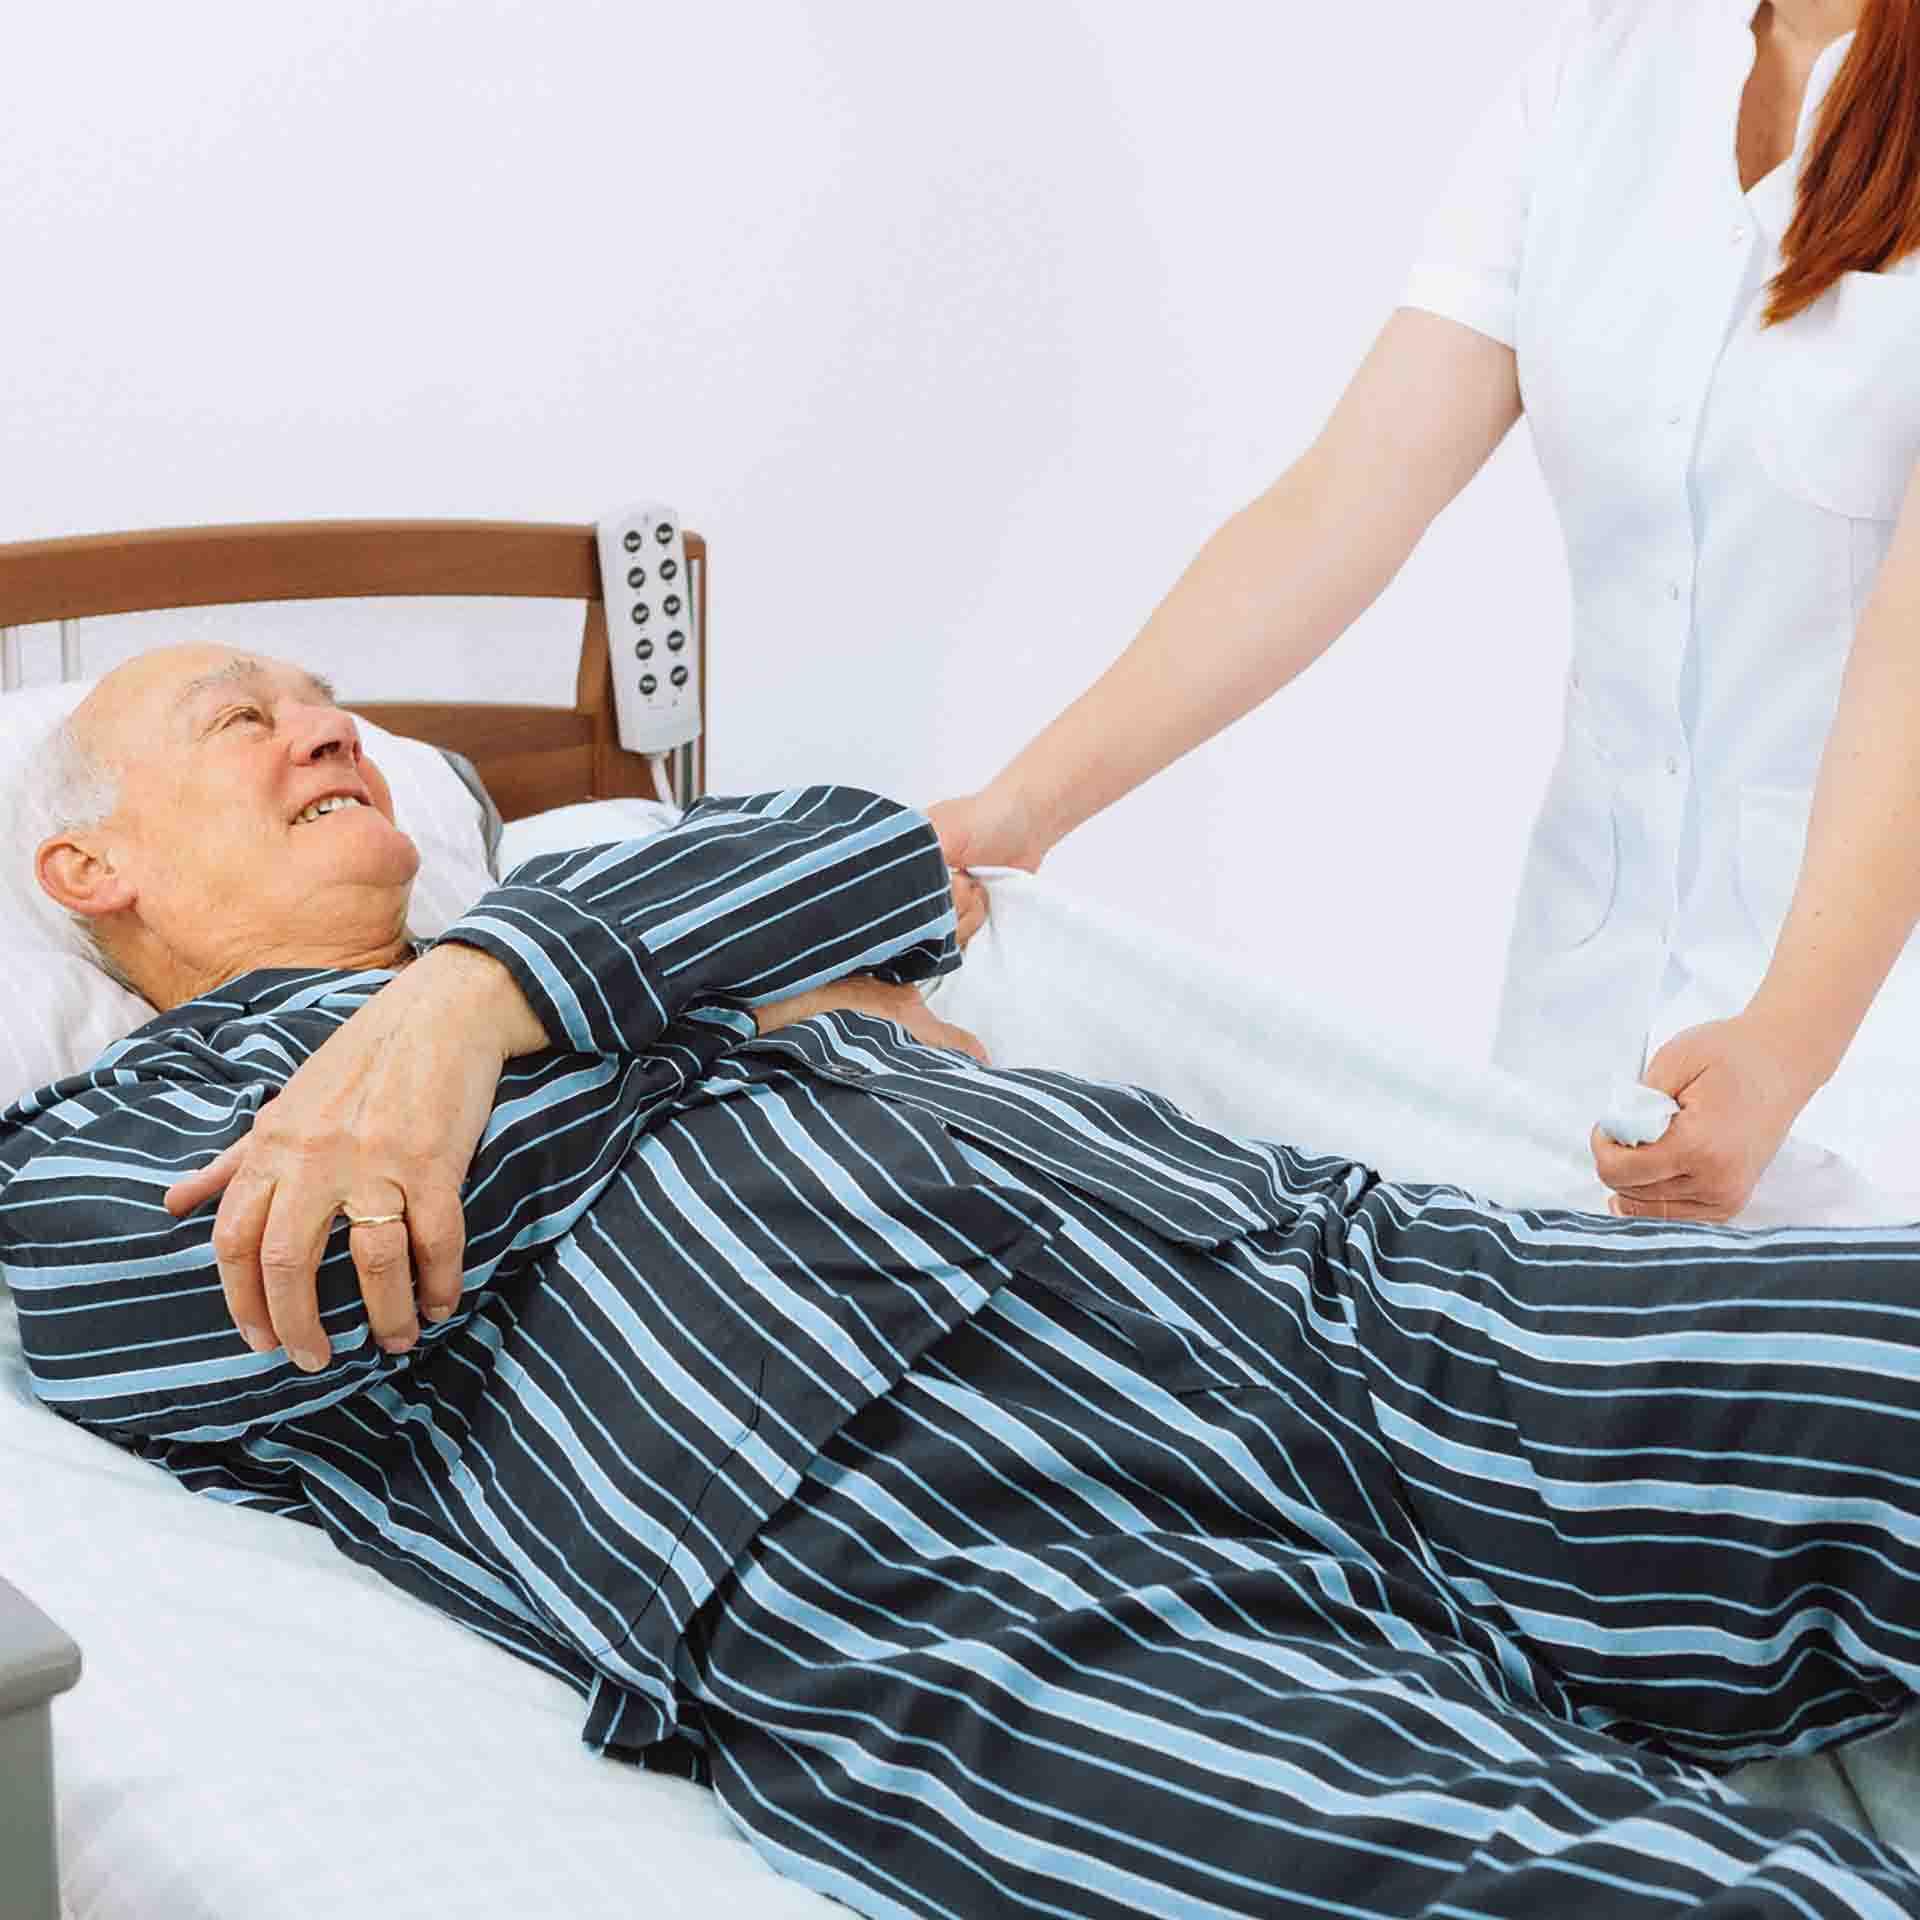 Wendylett 4 way bed transfers ARTNRNNB 0000s 0009 Omgeving